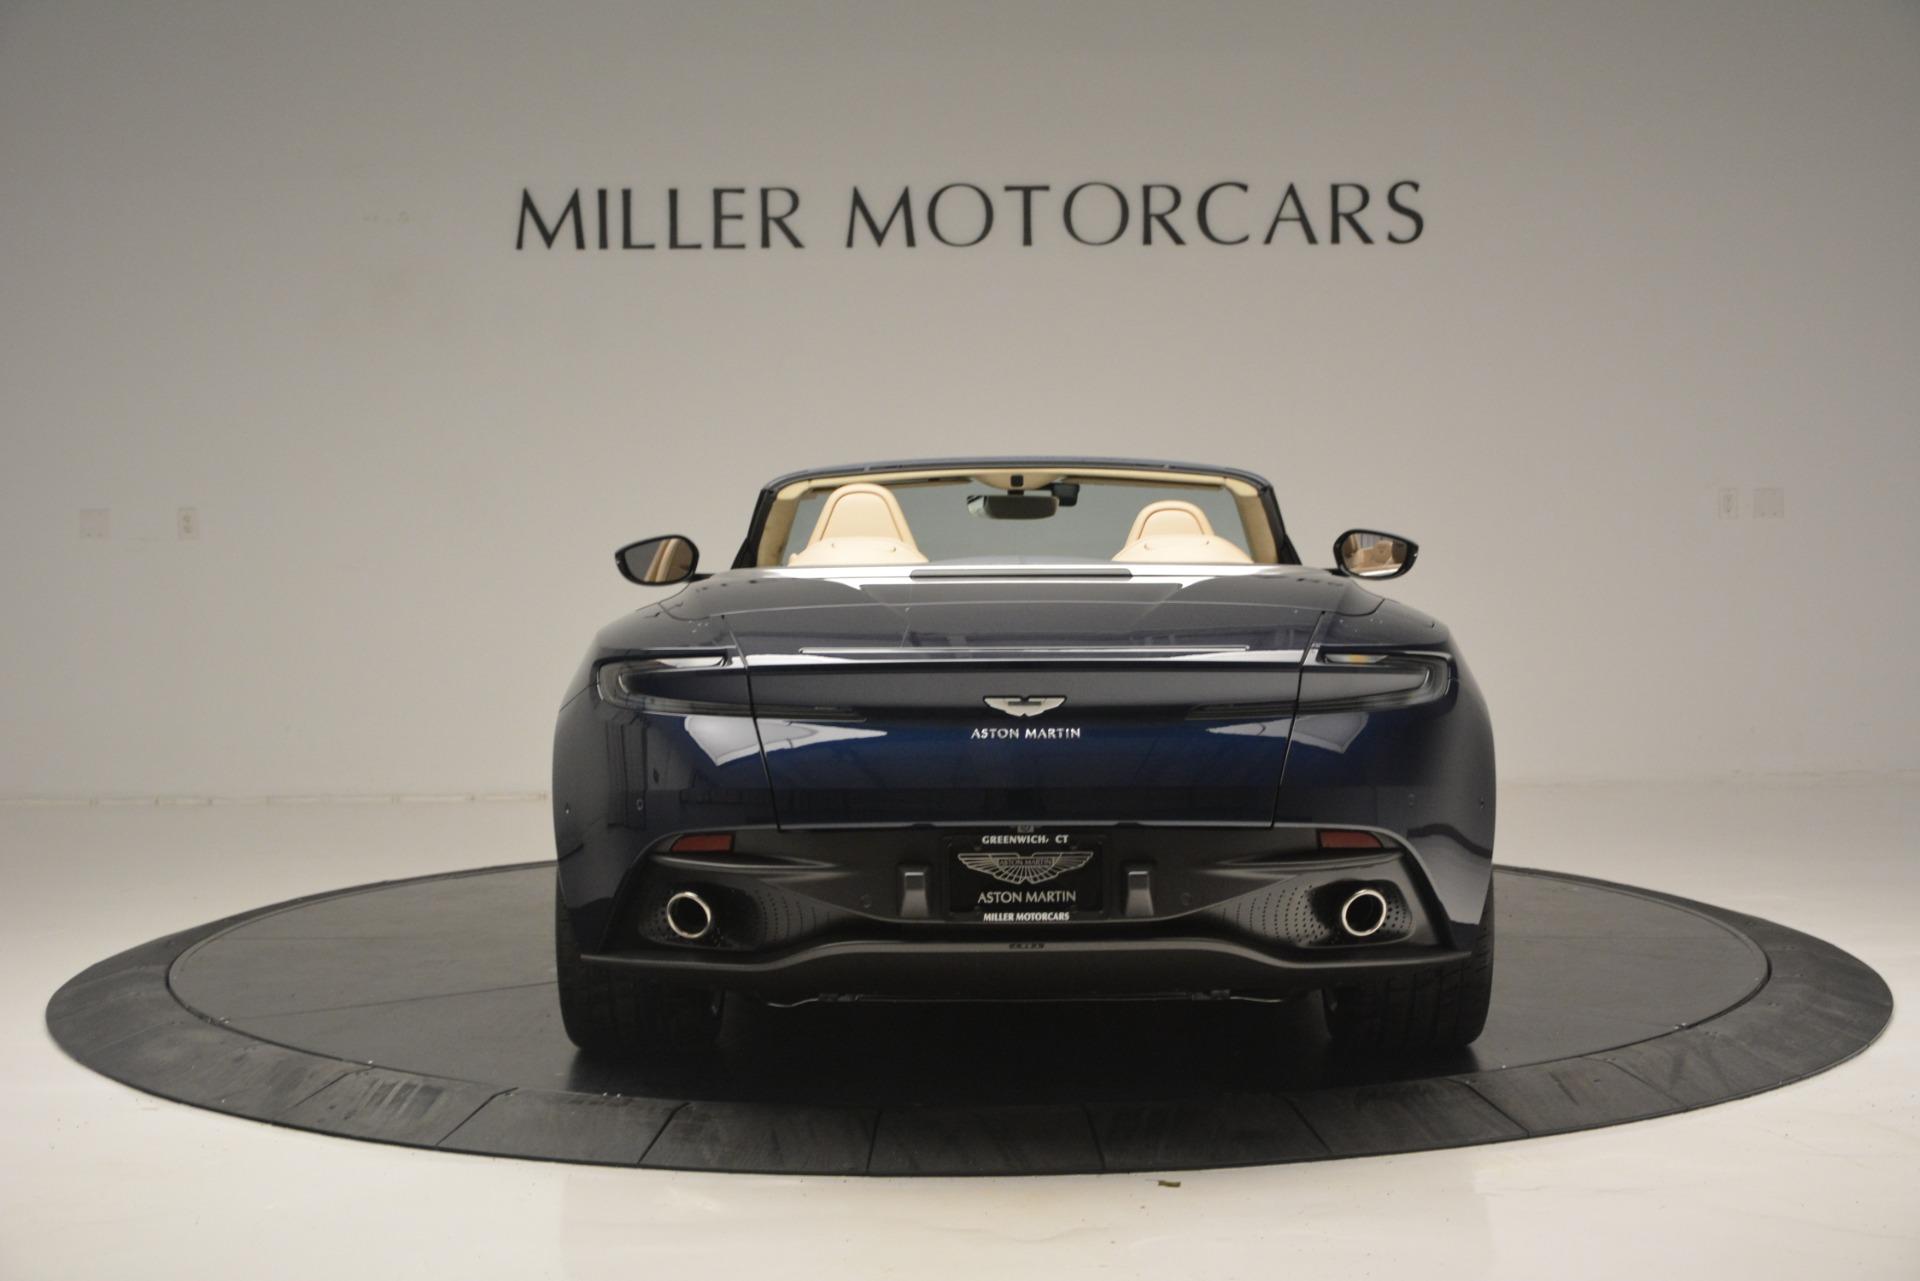 New 2019 Aston Martin DB11 Volante Volante For Sale In Greenwich, CT 2594_p6